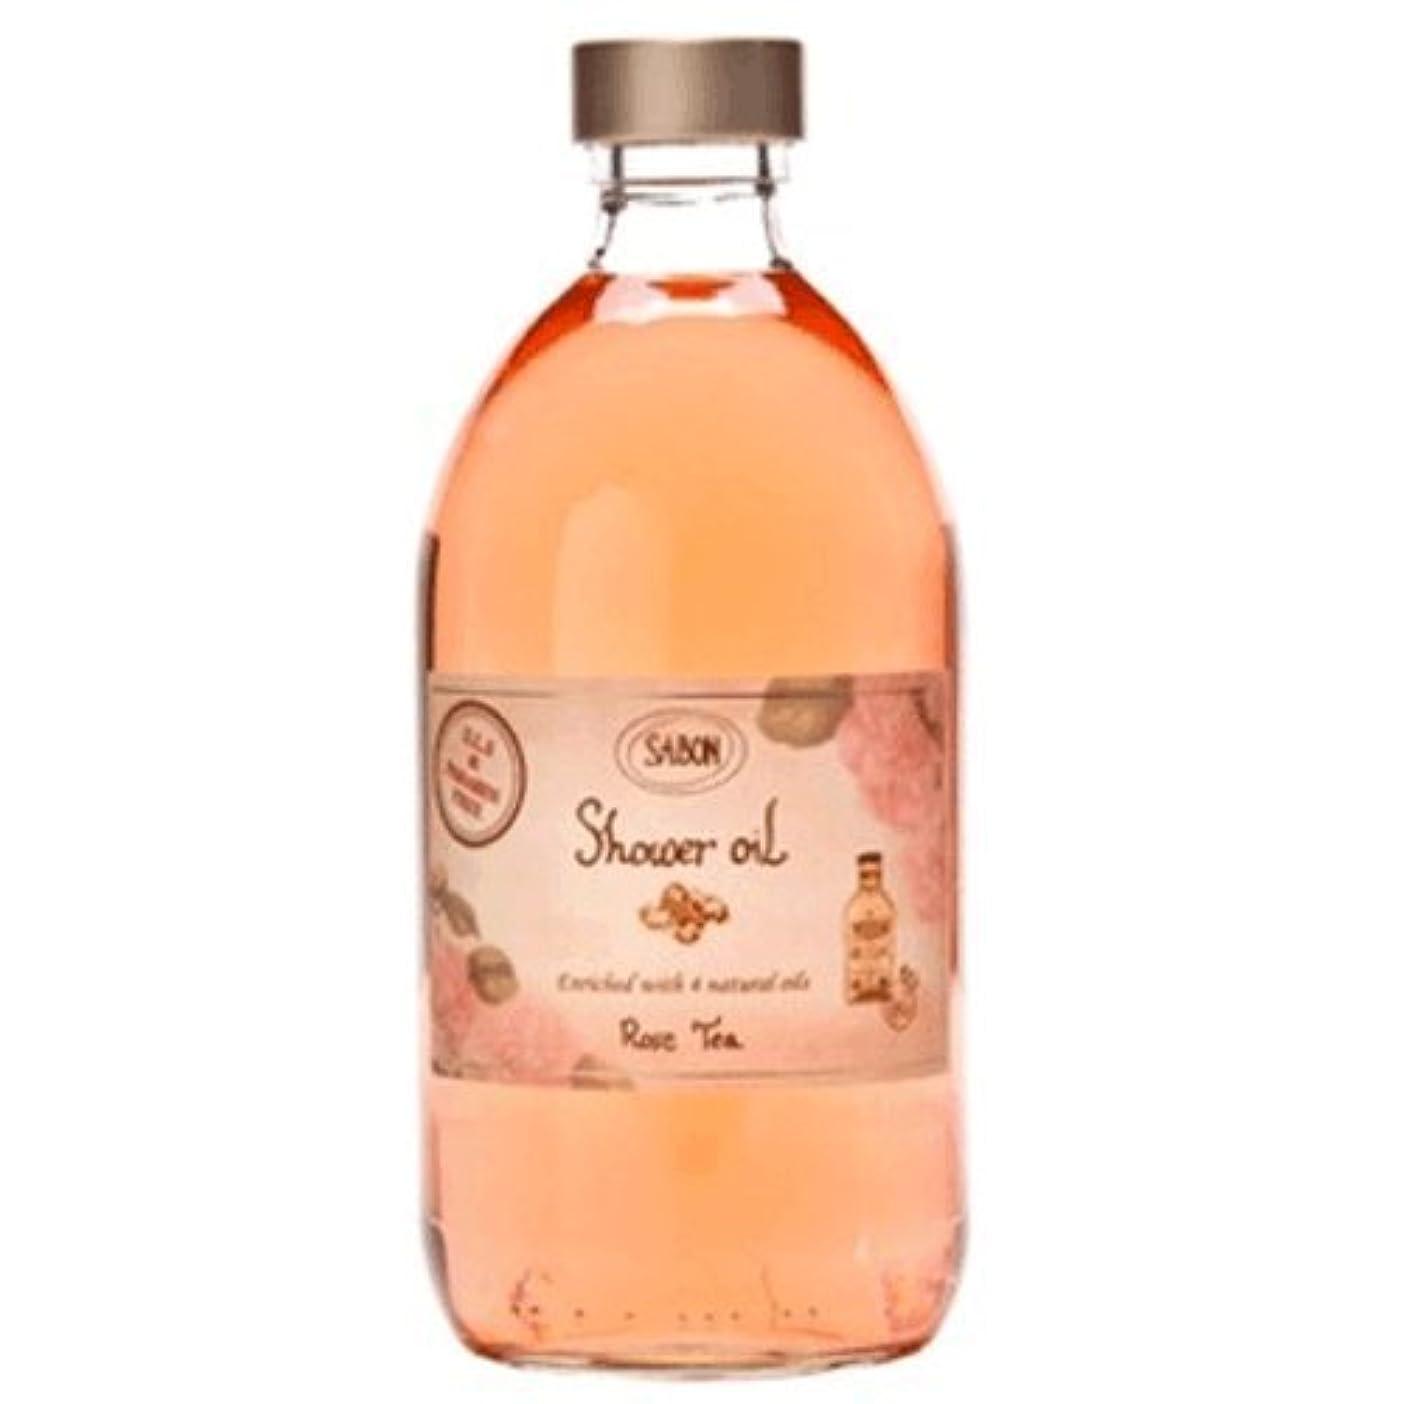 糸次ありそう【サボン】シャワーオイル ローズティー(Rose Tea) ポンプ付き 500ml